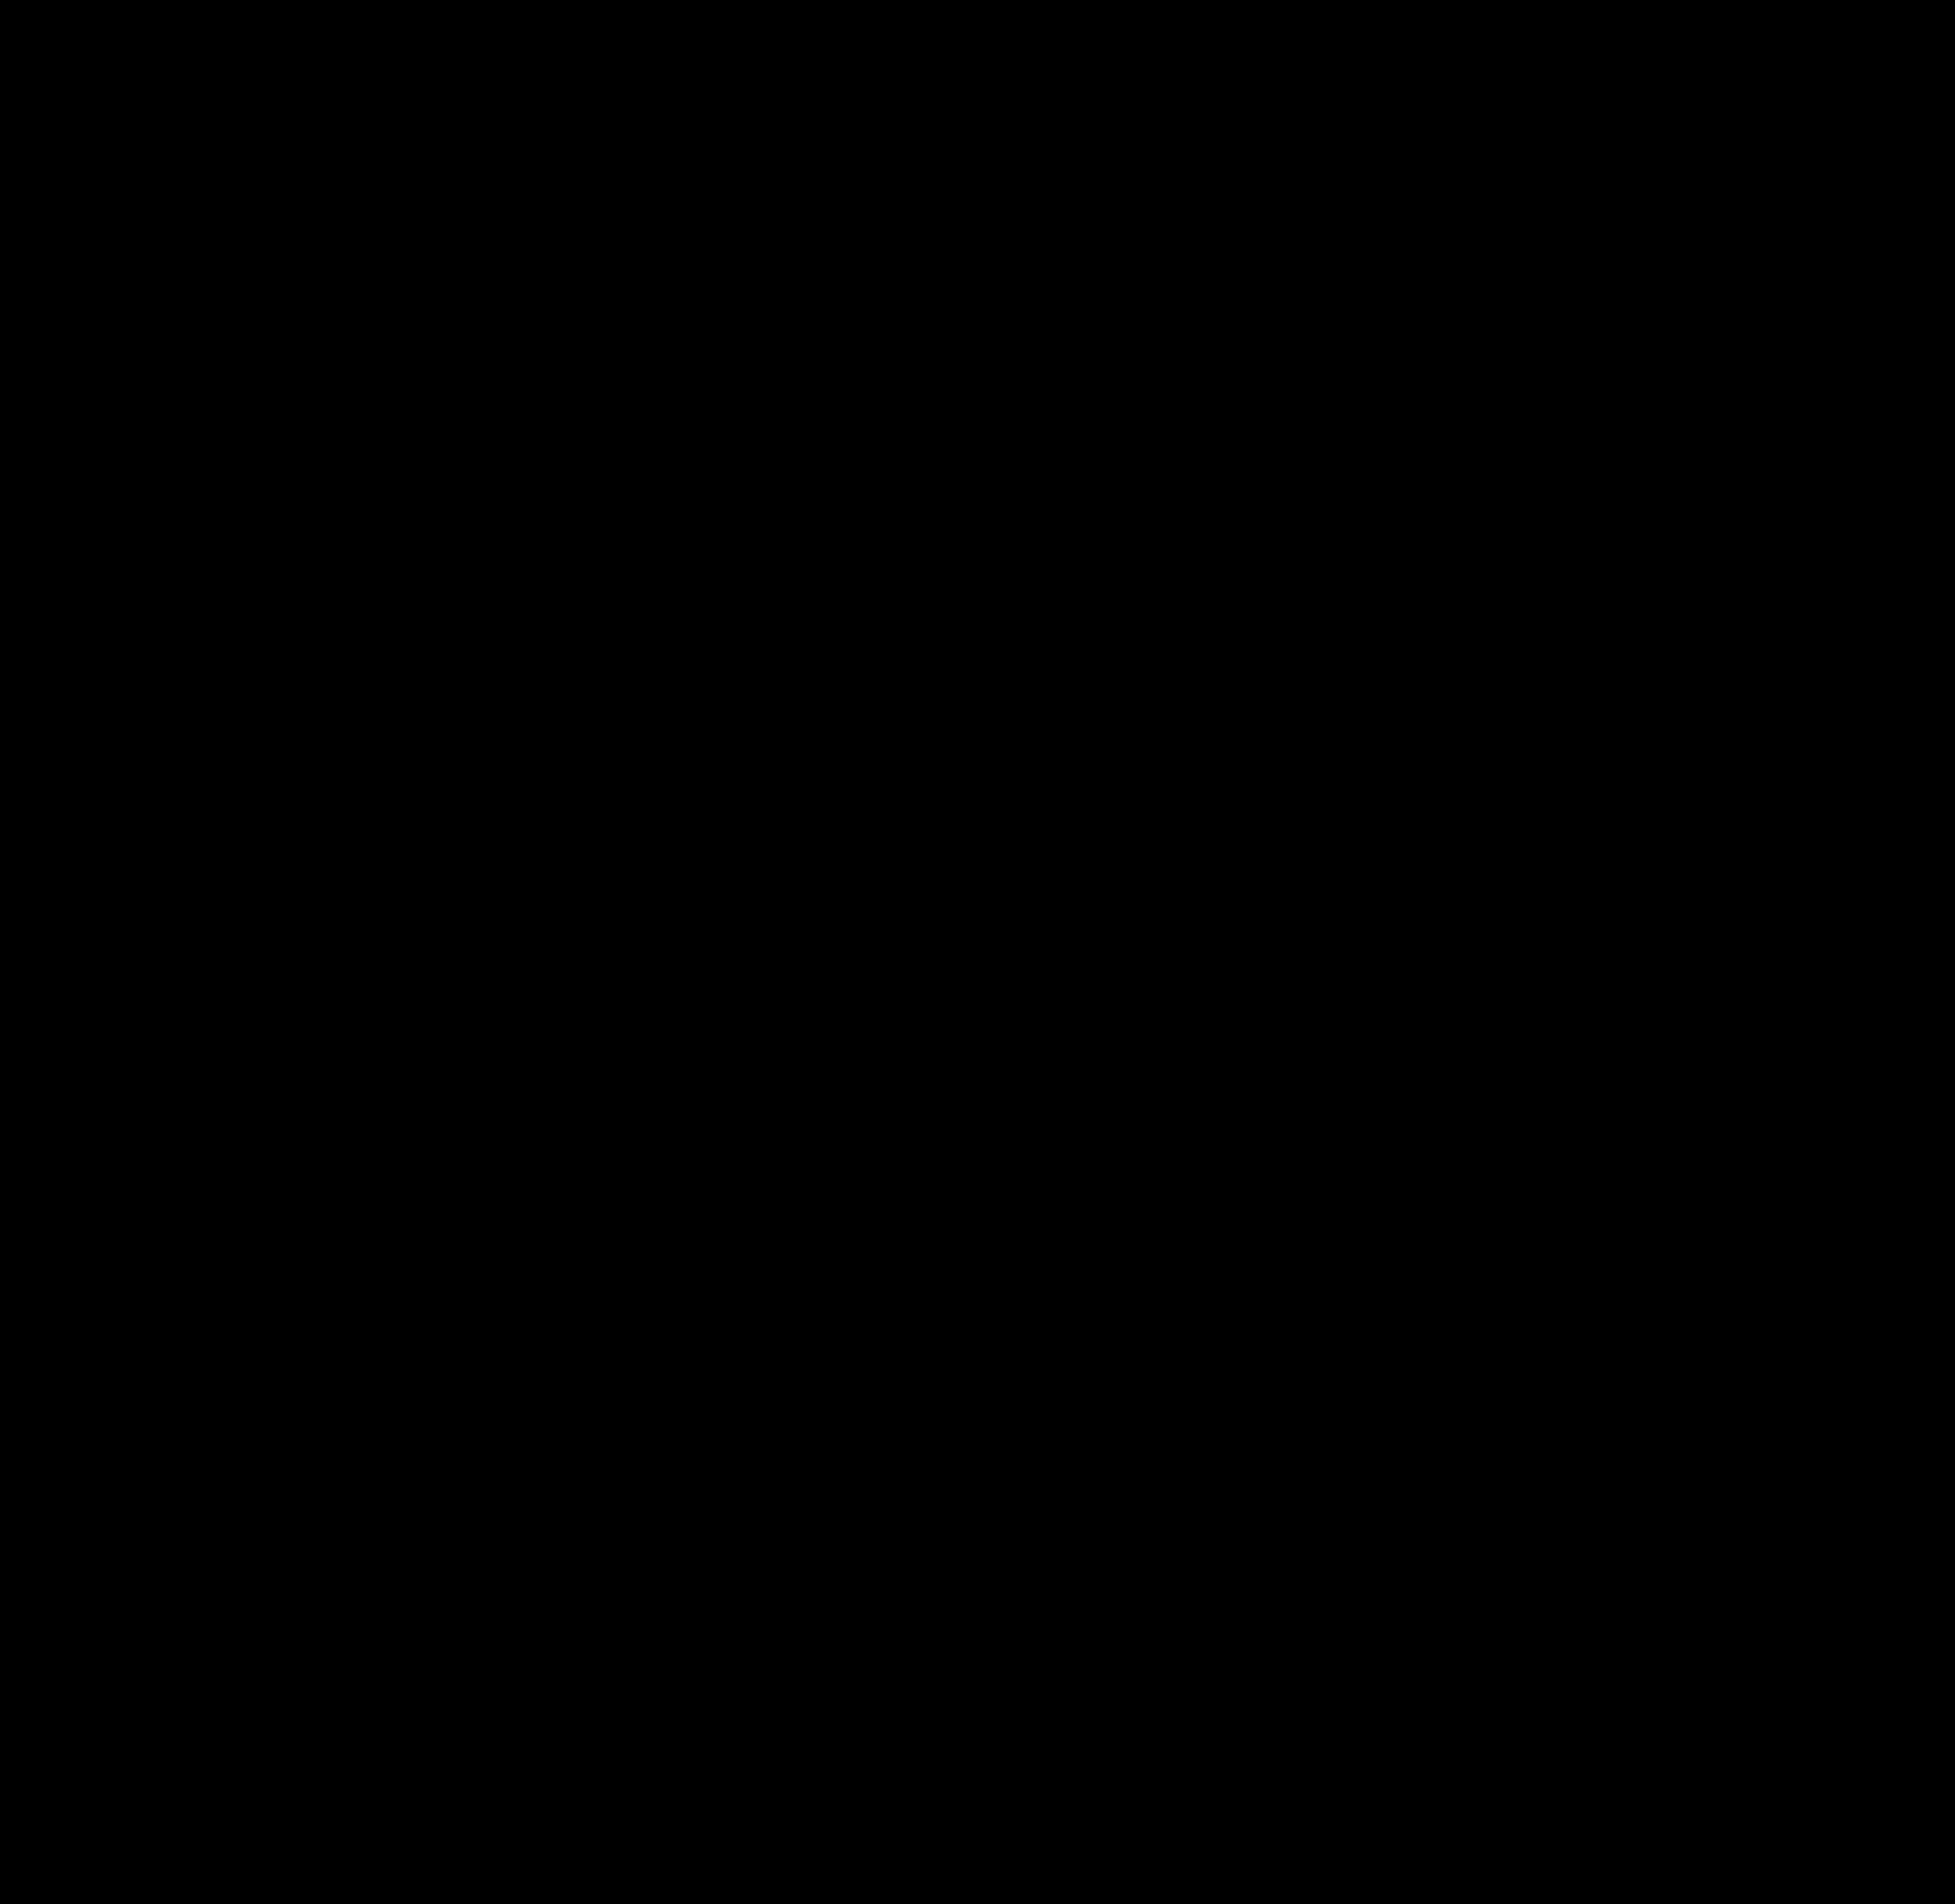 Pru Life Uk Logo by Miller Ryan Life insurance marketing